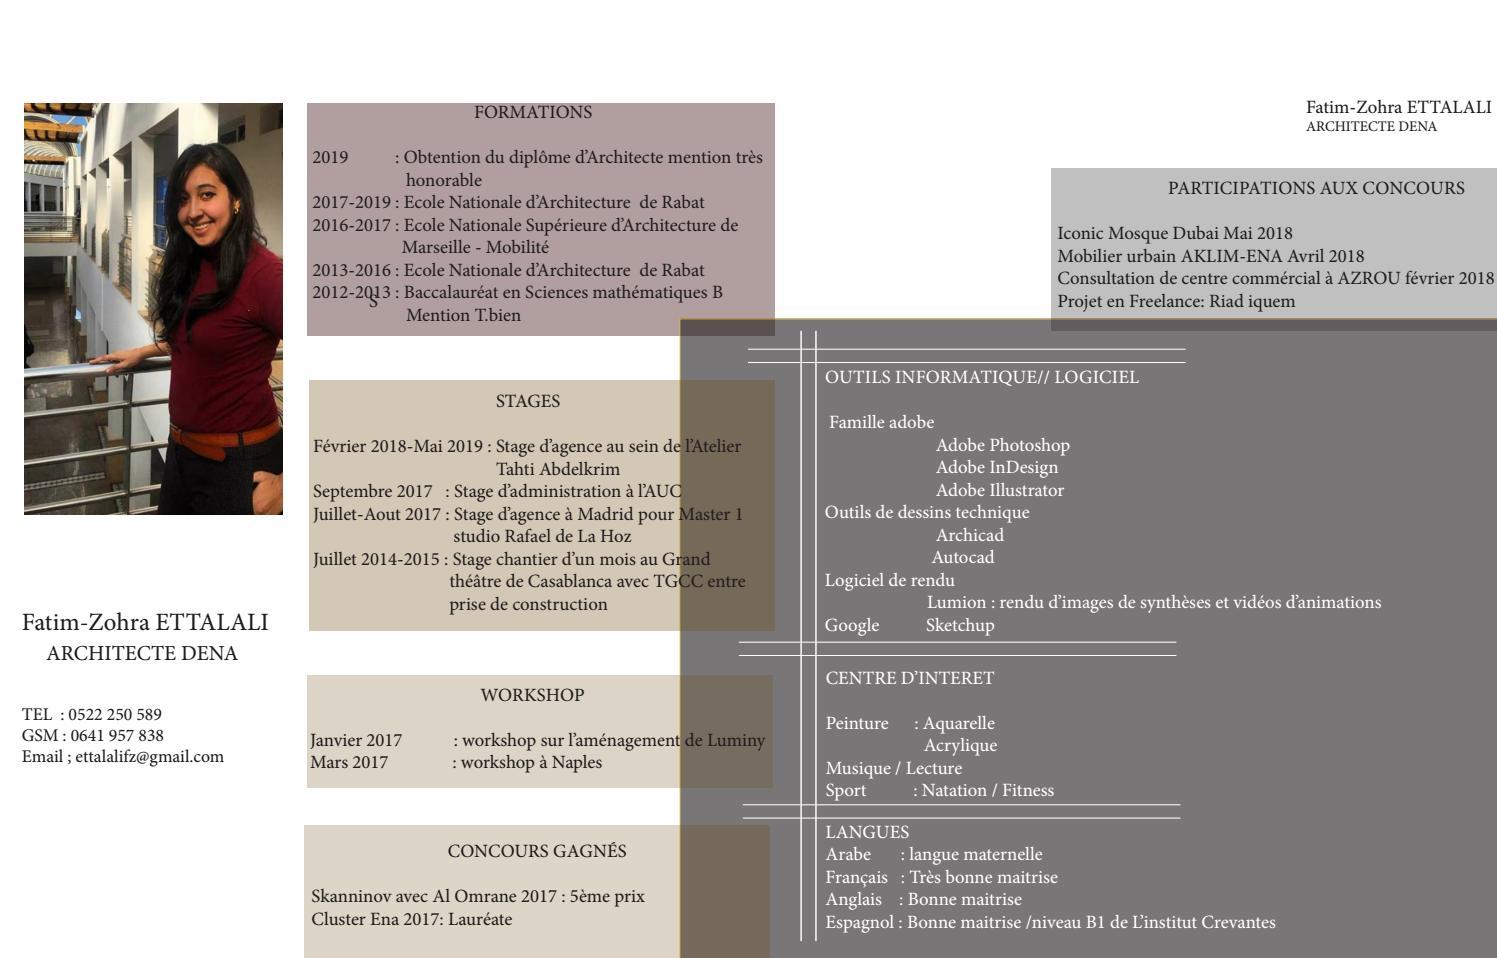 Curriculum Vitae De Fatim Zohra Ettalali By Ettalali Fatim